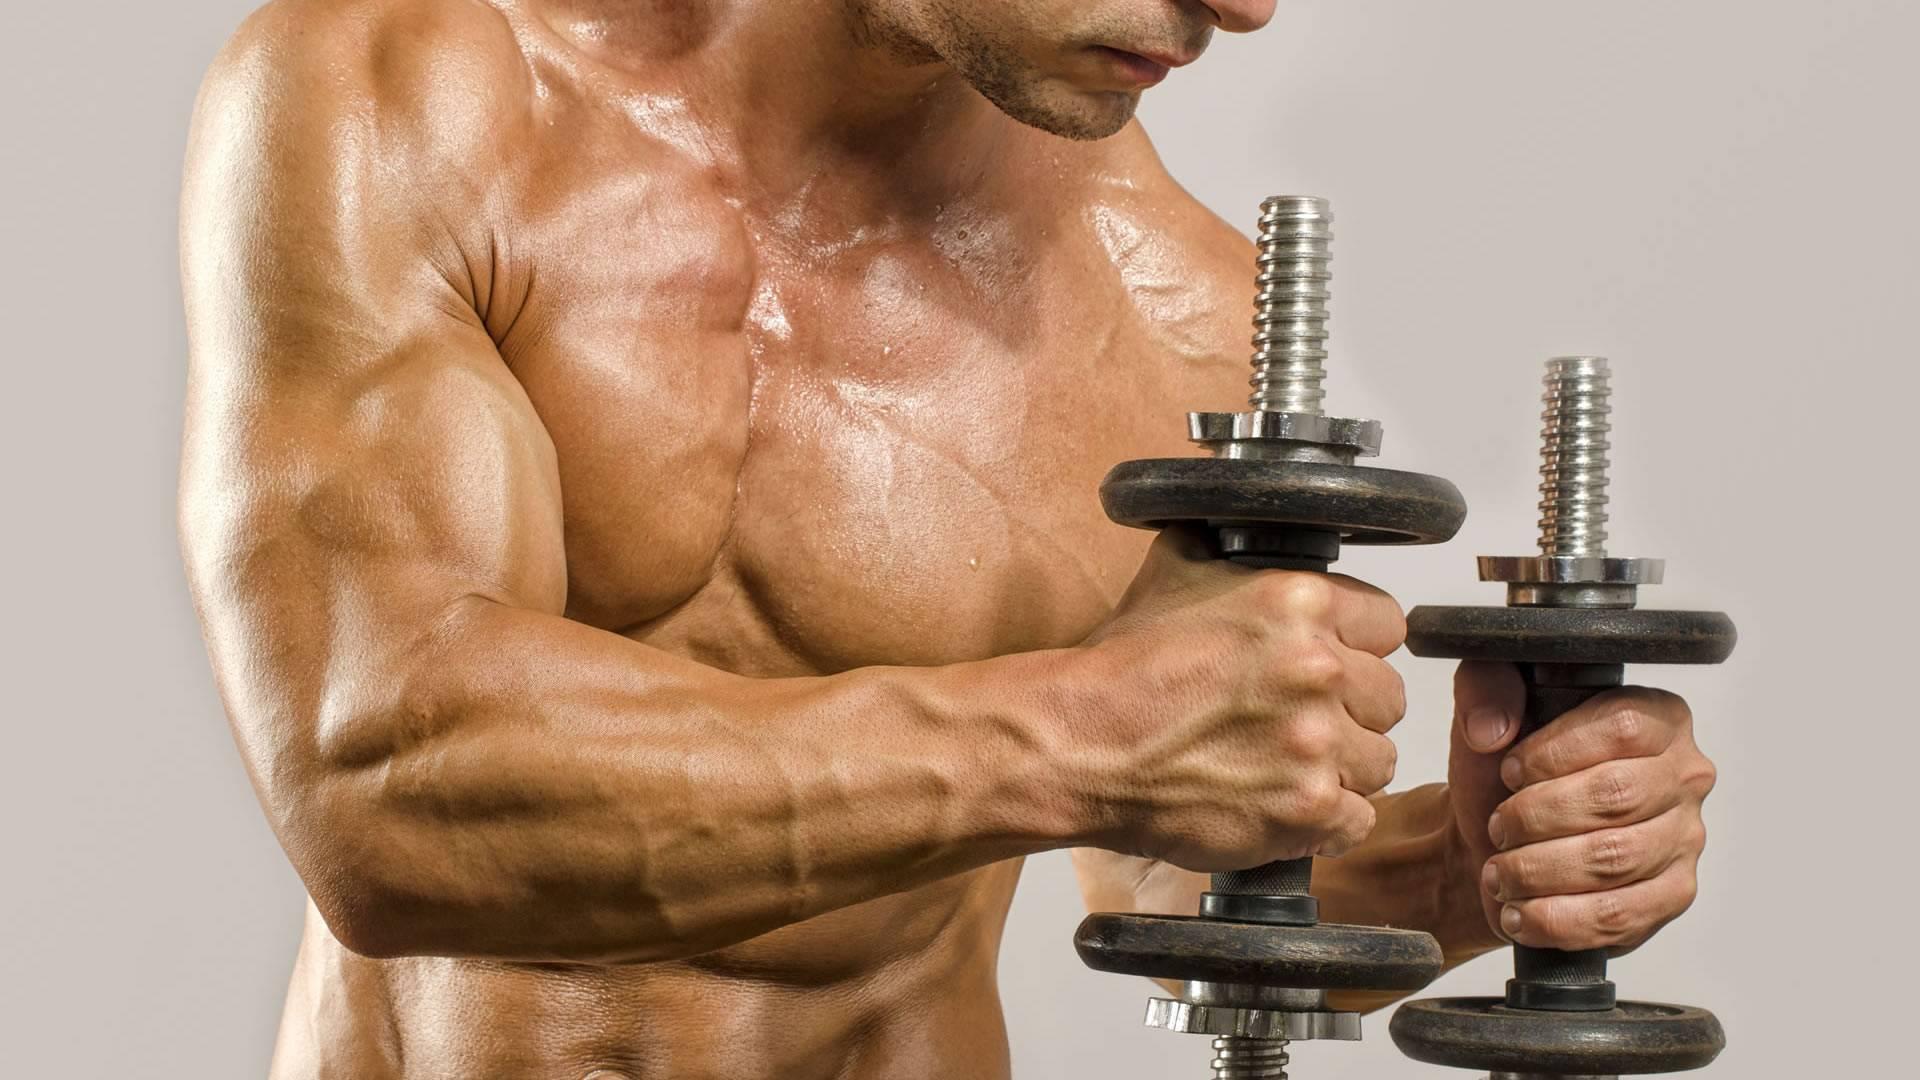 Набор мышечной массы: 5 стратегий | experience fitness